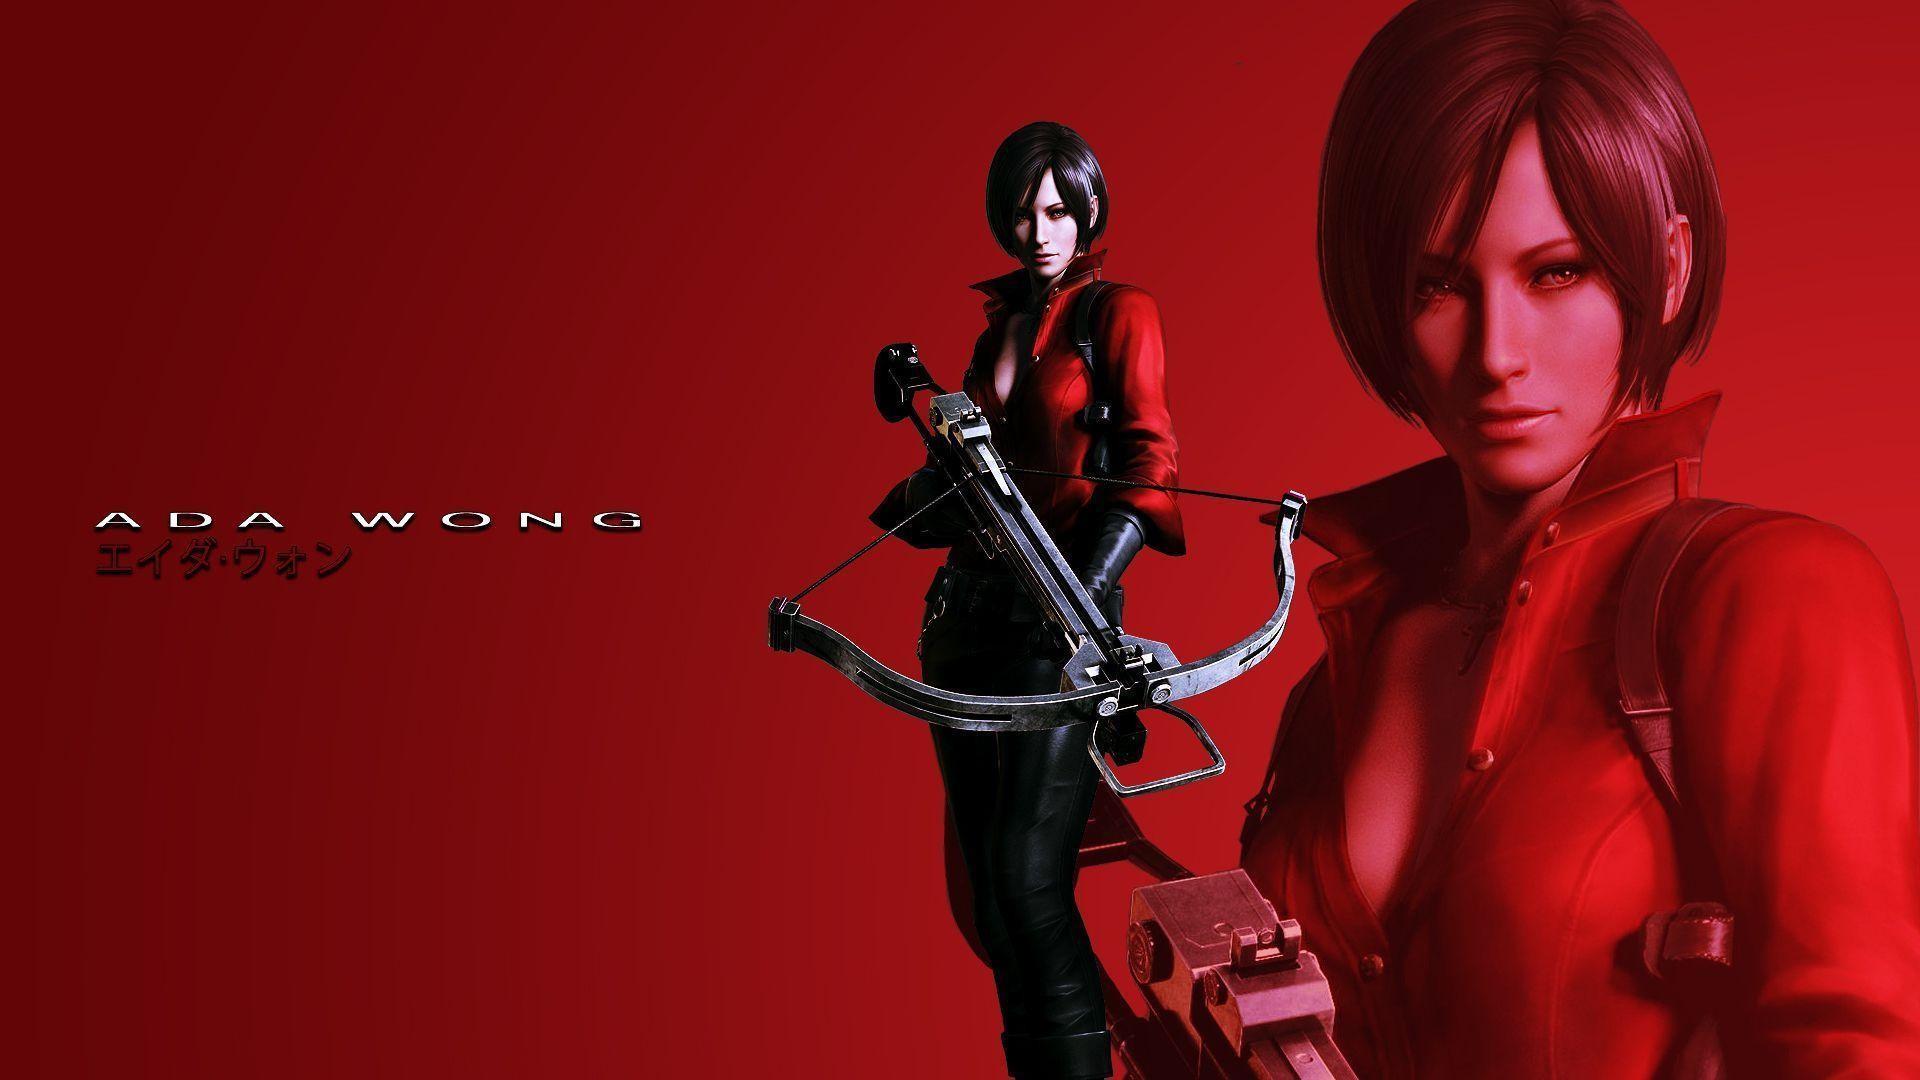 1920x1080 Resident Evil 6 Wallpaper Ada Wong